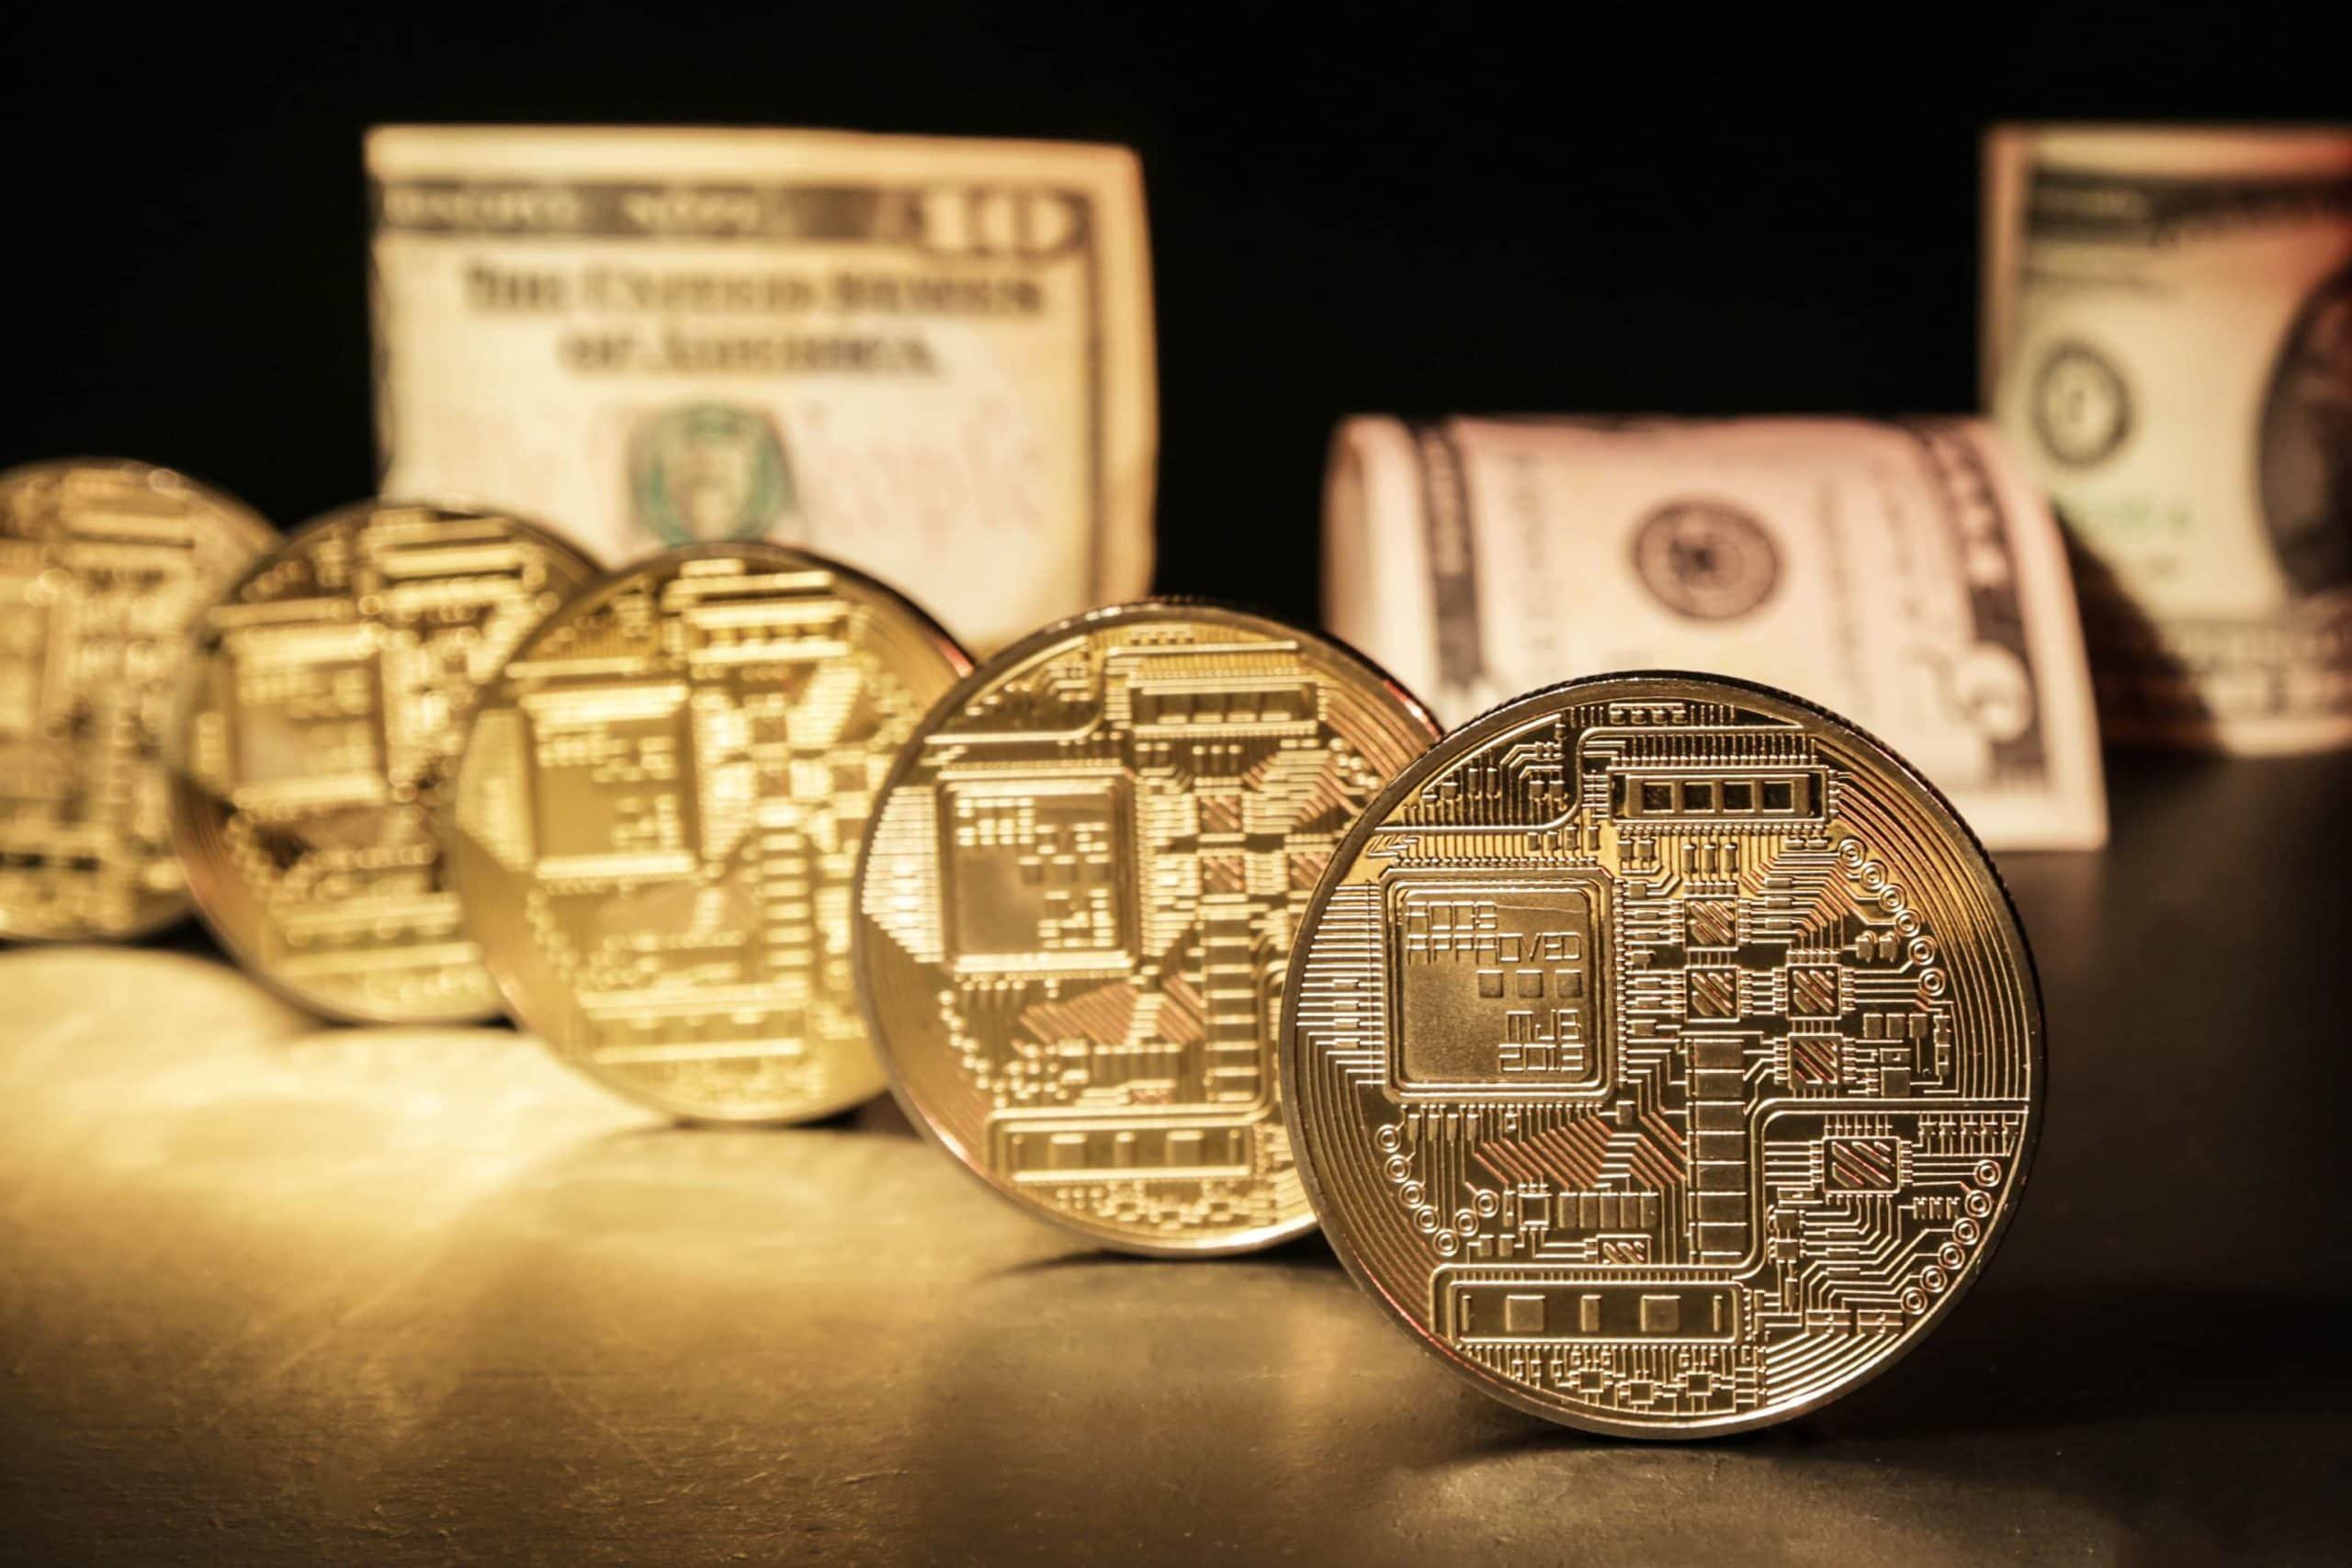 KRypto-Münzen vor Geldbündeln